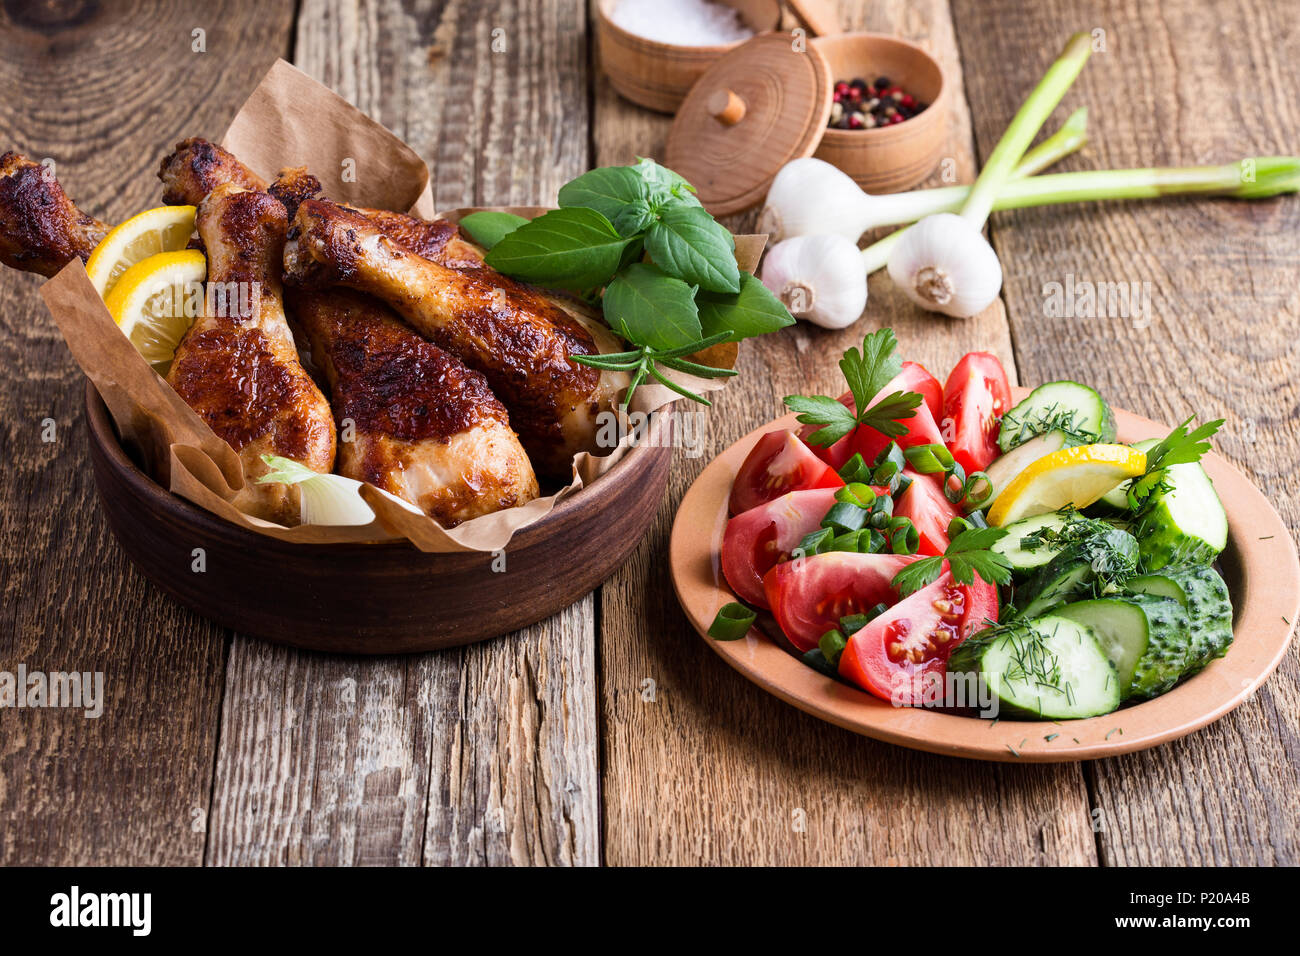 Muslos de pollo asado en cuenco de cerámica y hortalizas frescas sobre mesa de madera rústica, comida favorita Foto de stock